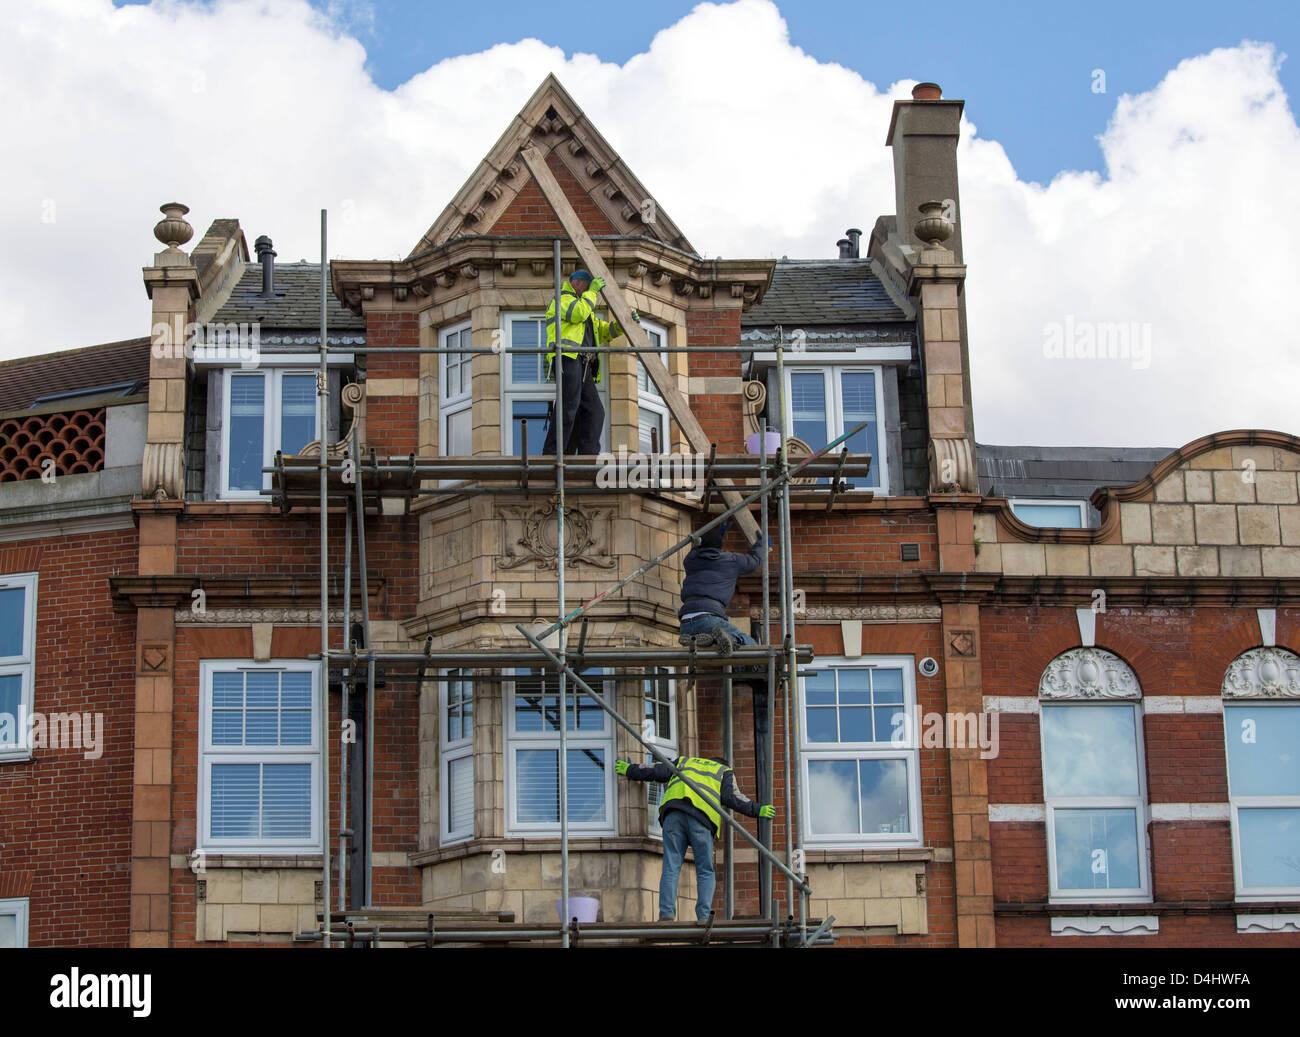 Scaffolders working in London - Stock Image